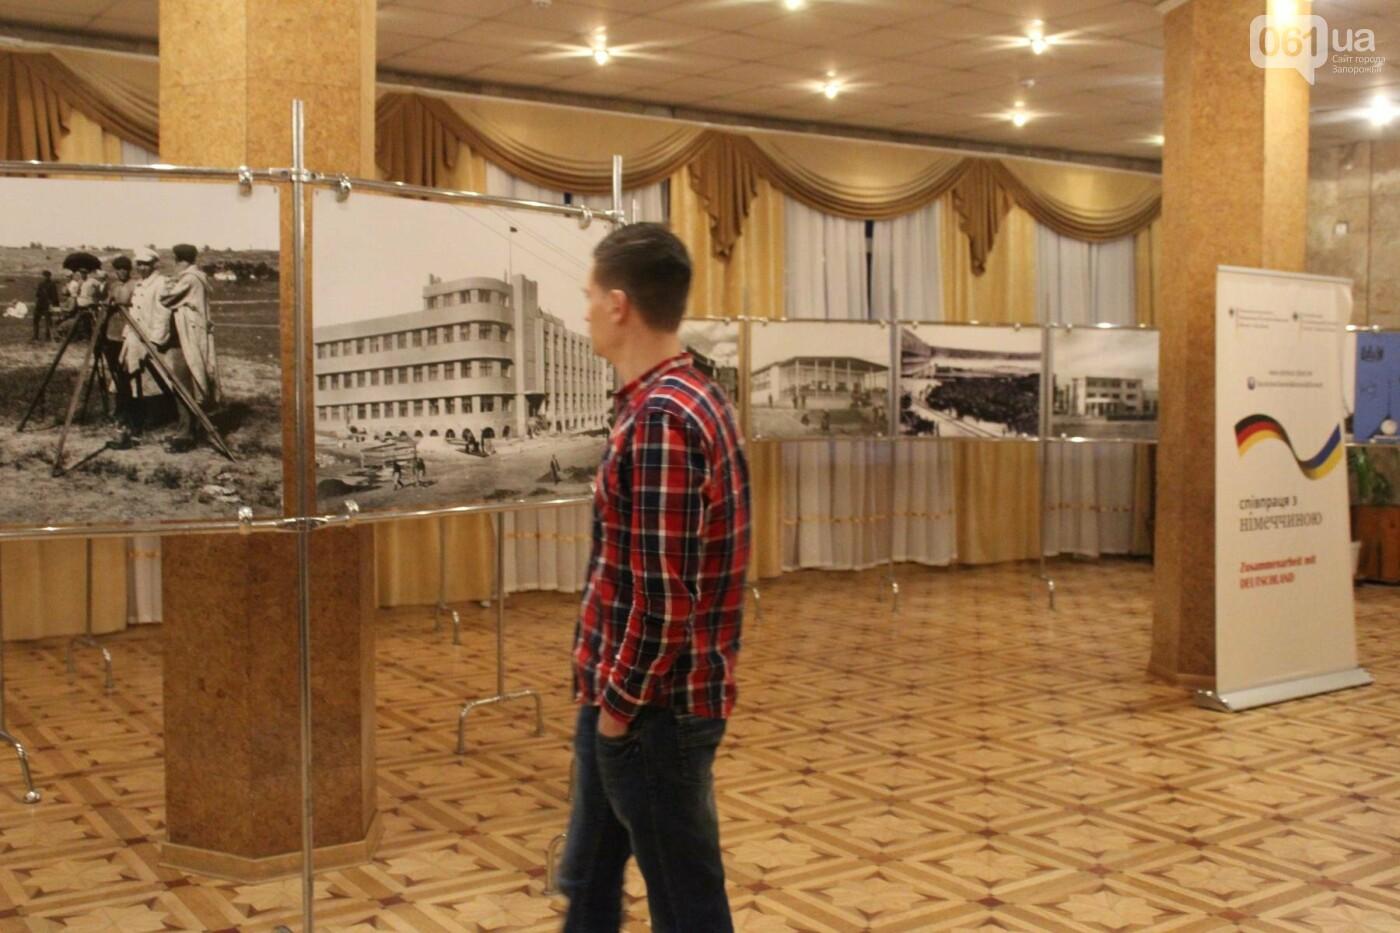 Спасти Соцгород: немецкие и украинские архитекторы подписали резолюцию для запорожской власти, - ФОТОРЕПОРТАЖ, фото-12